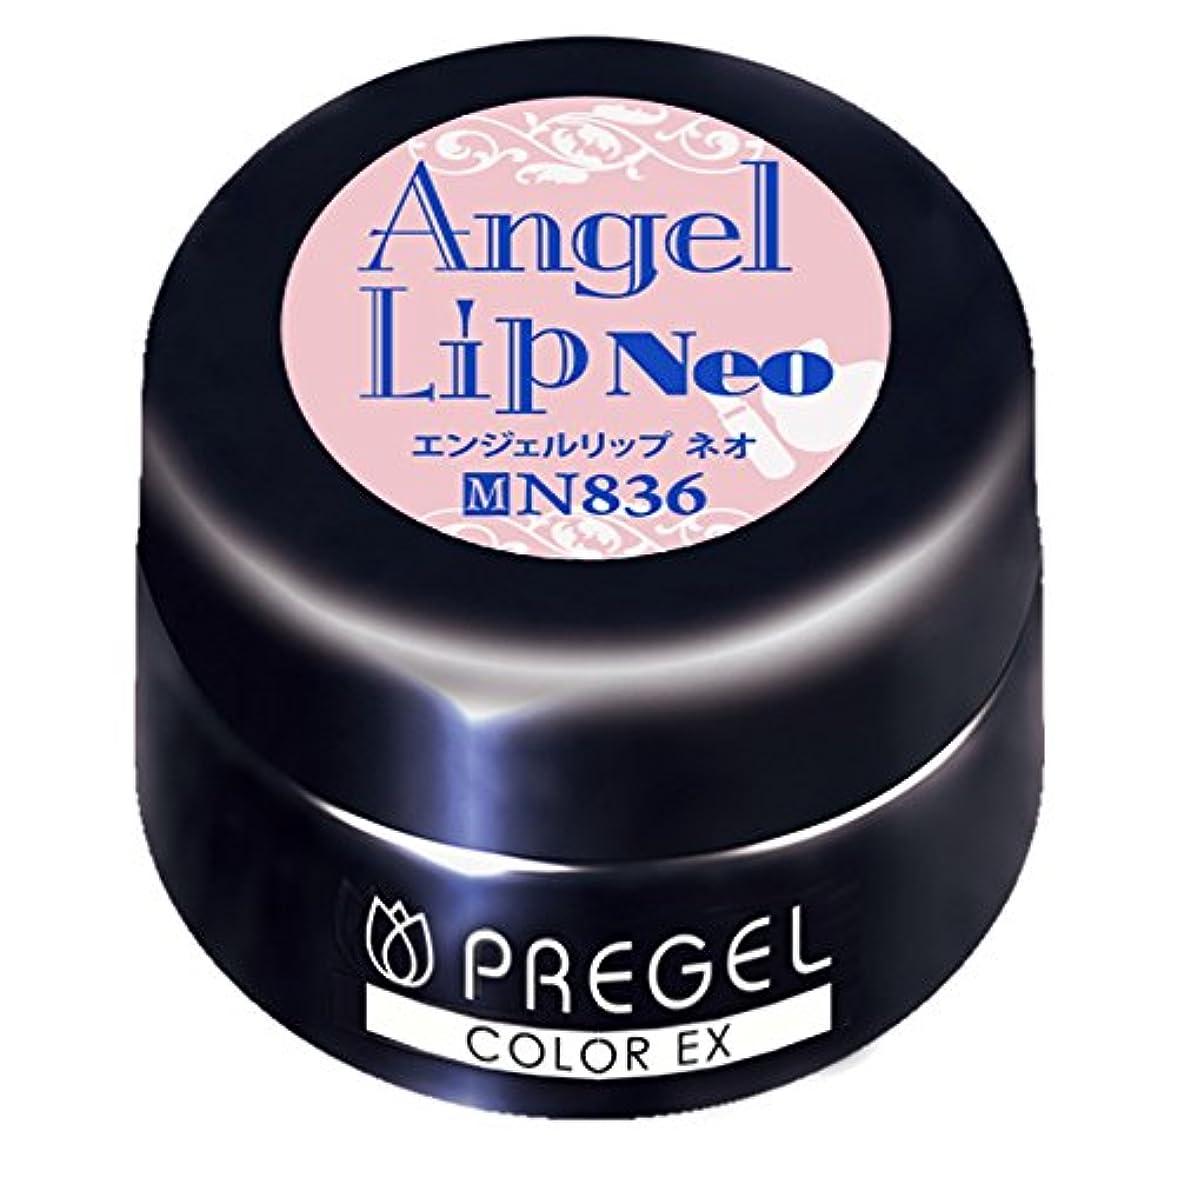 仮装受信初期PRE GEL カラーEX エンジェルリップneo836 3g UV/LED対応